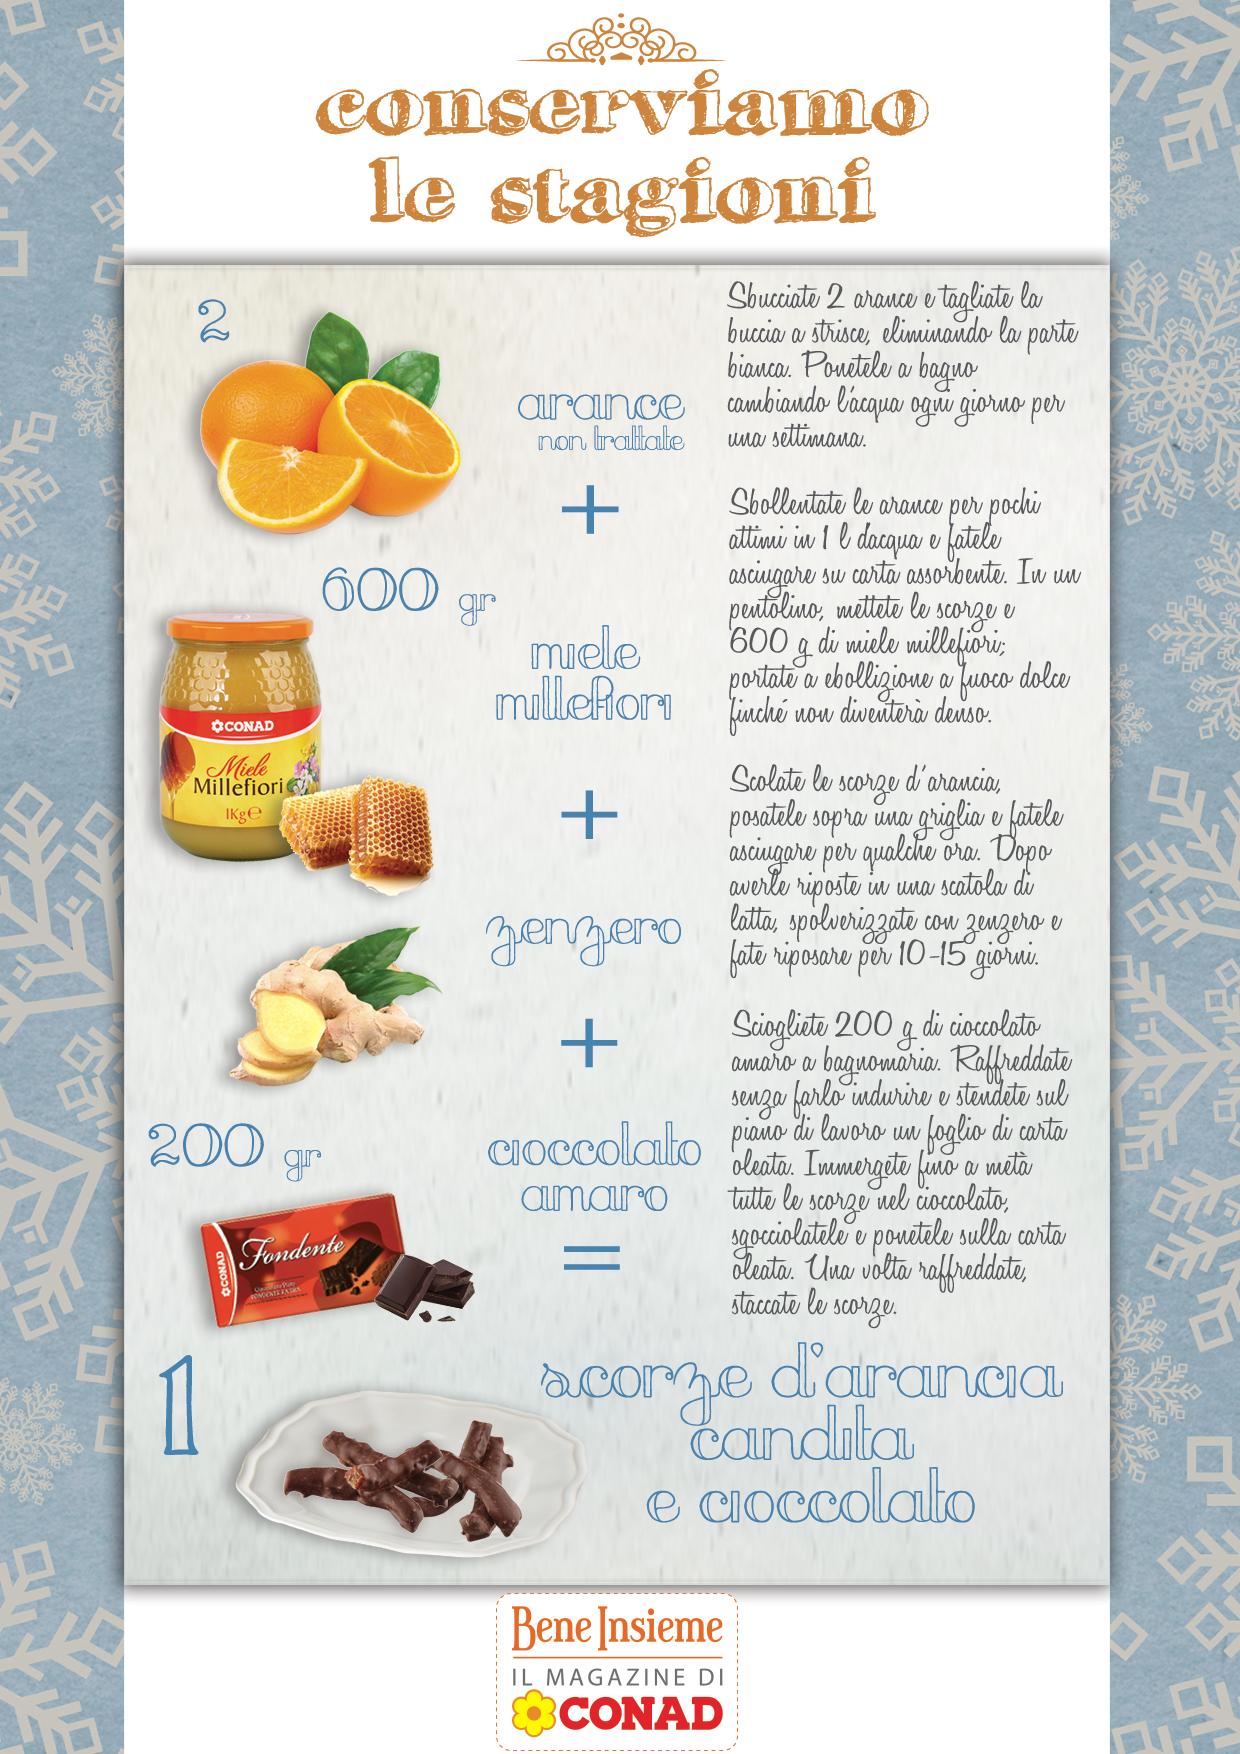 Ricetta in infografica per realizzare scorze d 39 arancia for Cucinare definizione